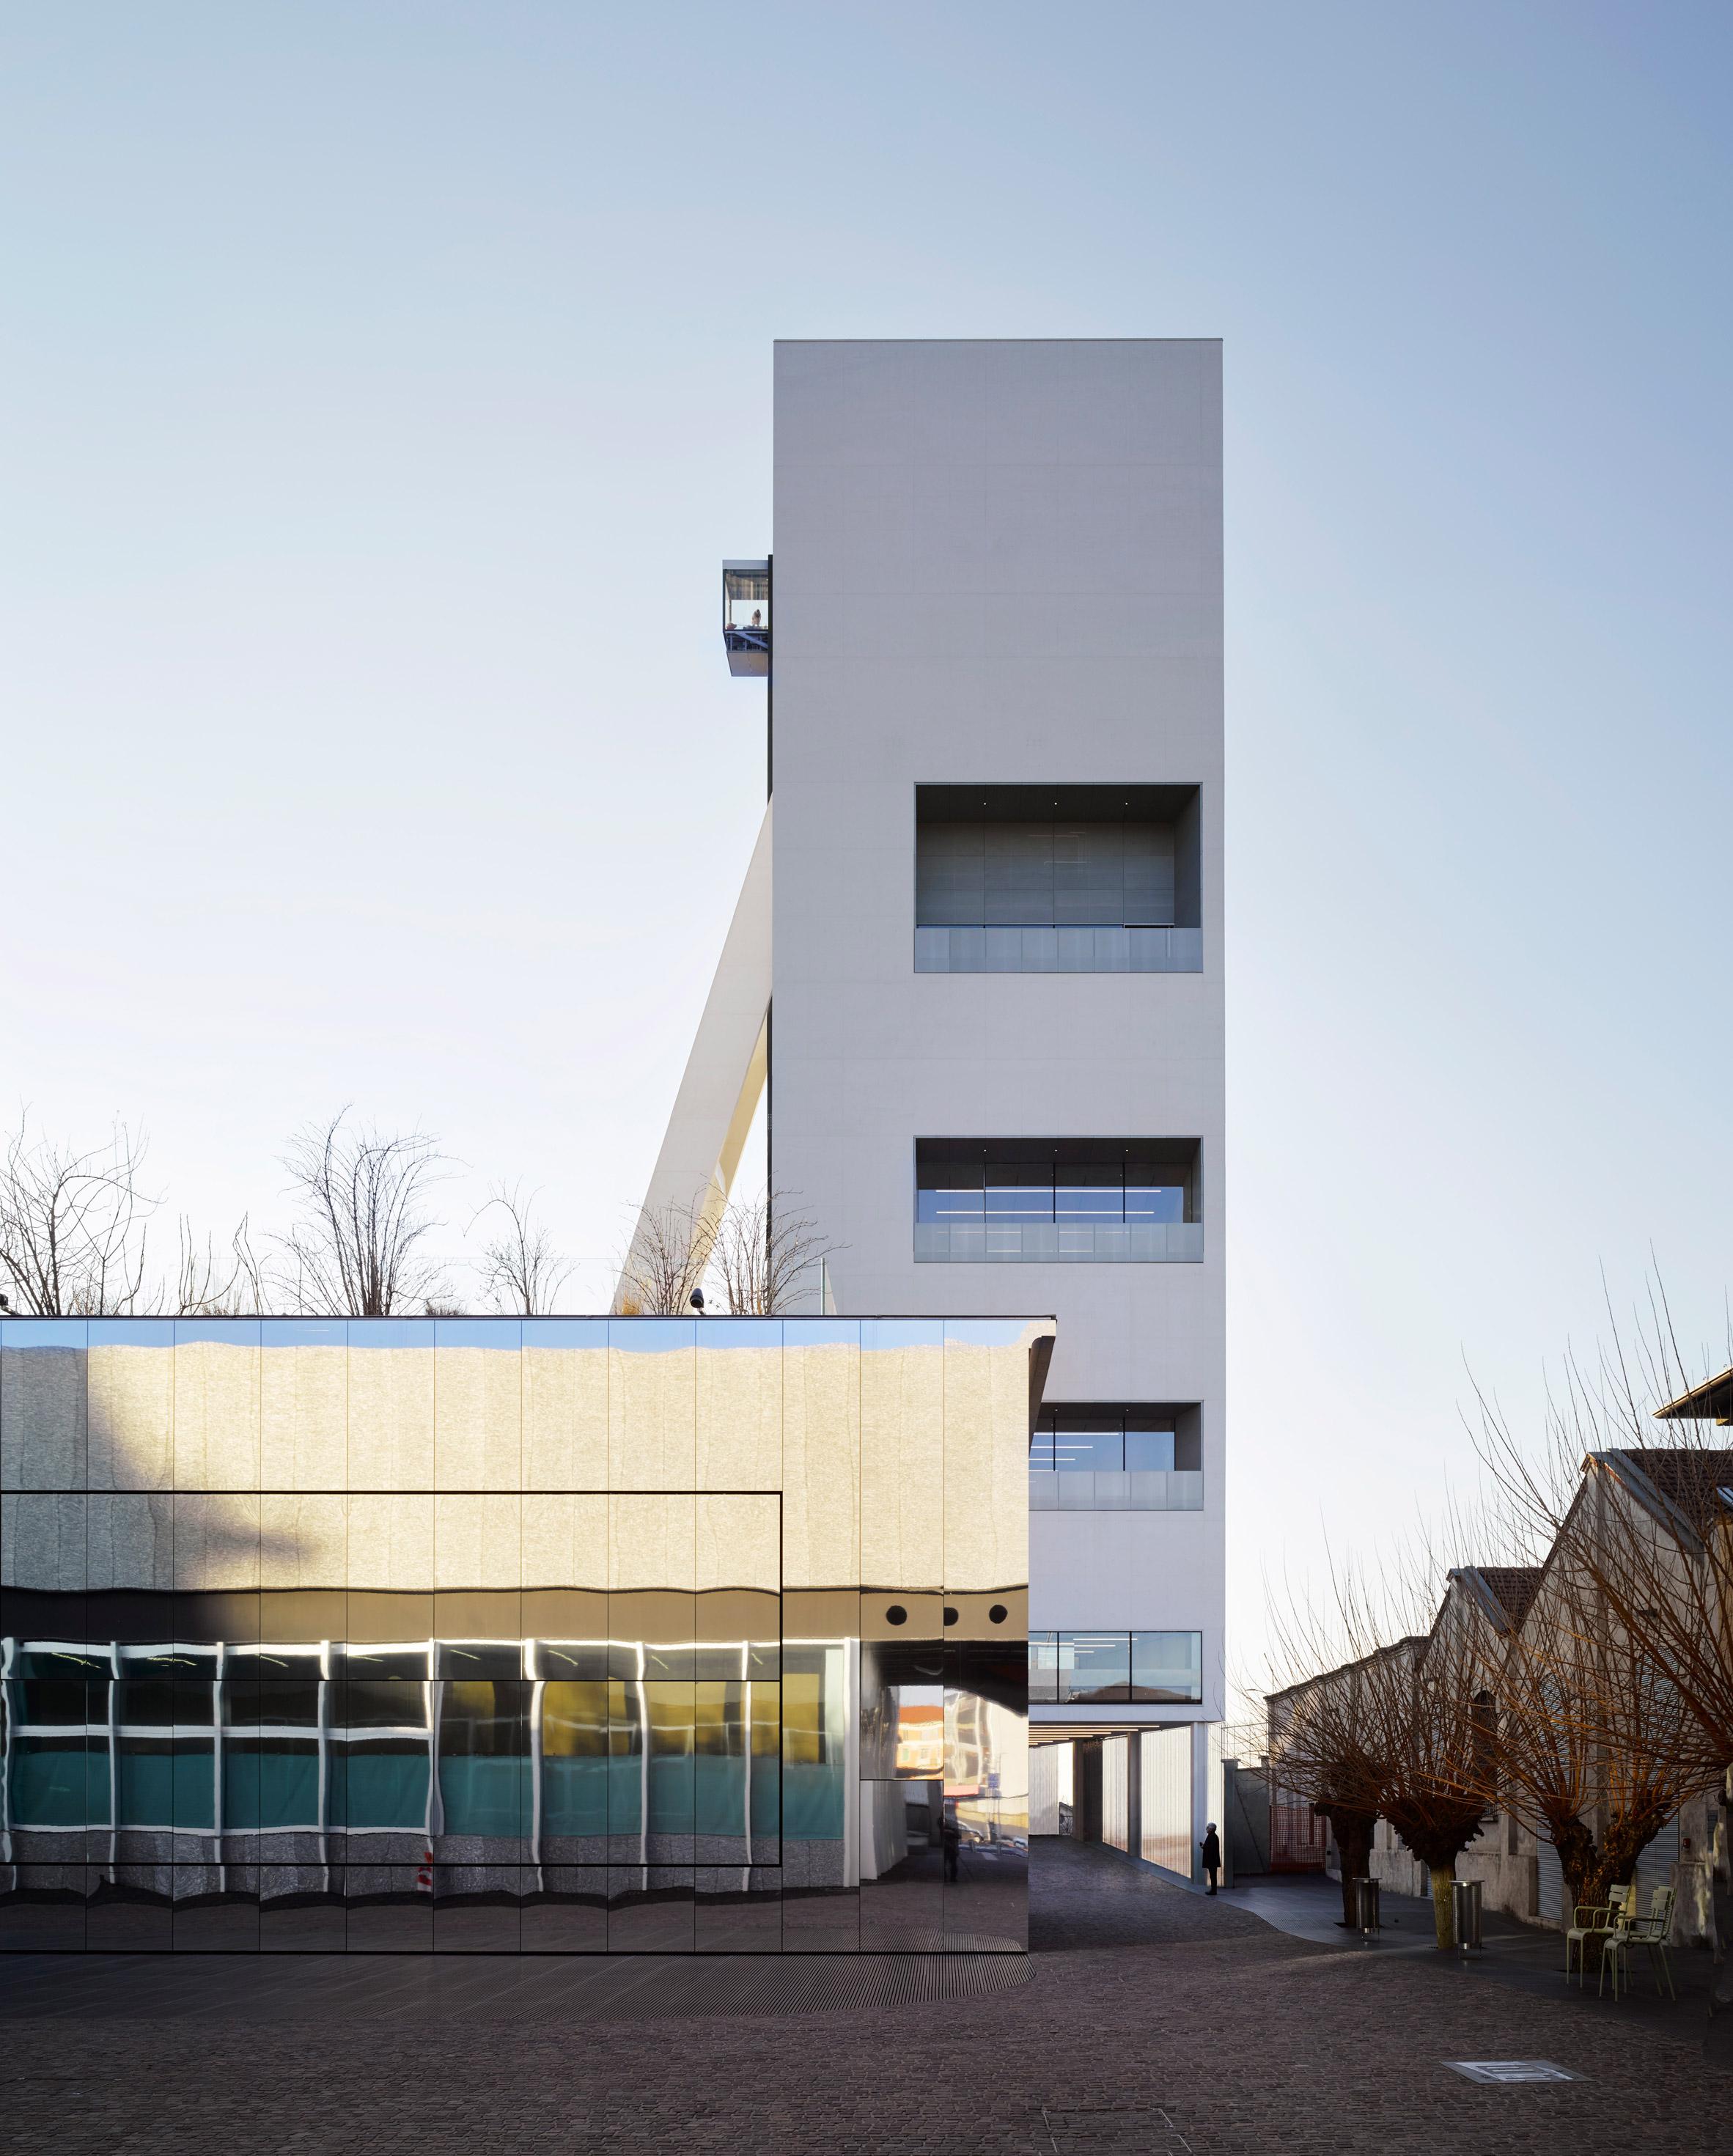 OMA adds white concrete gallery tower to Fondazione Prada art centre in Milan